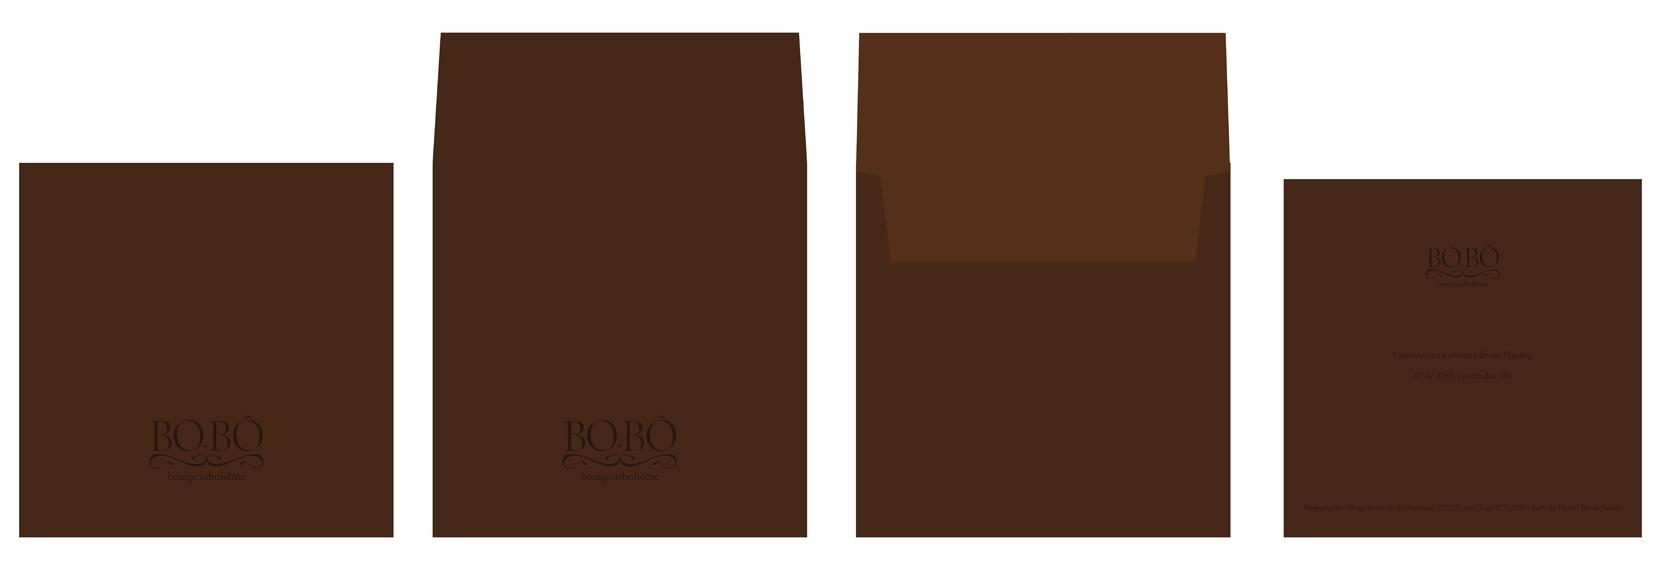 http://www.laet.com.br/site/files/gimgs/61_convite-inauguracao-rio-design-barra02.jpg